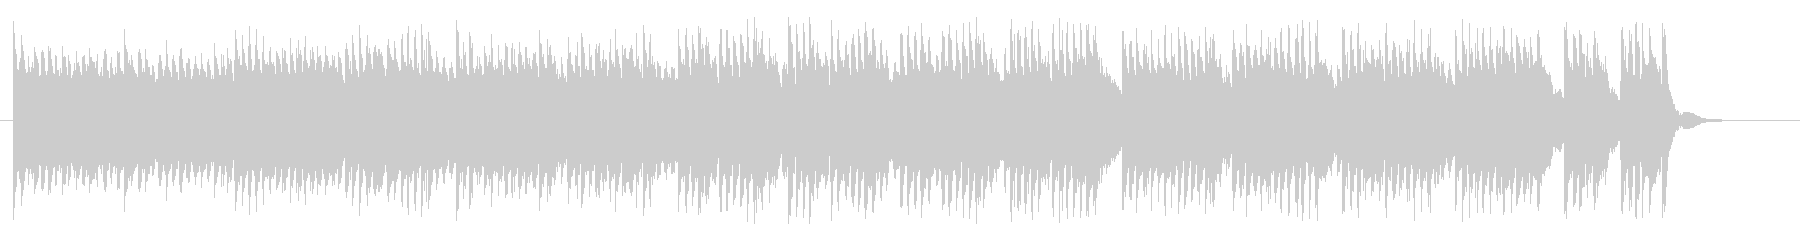 コンコスによるセムラ・ソングの未再生の波形